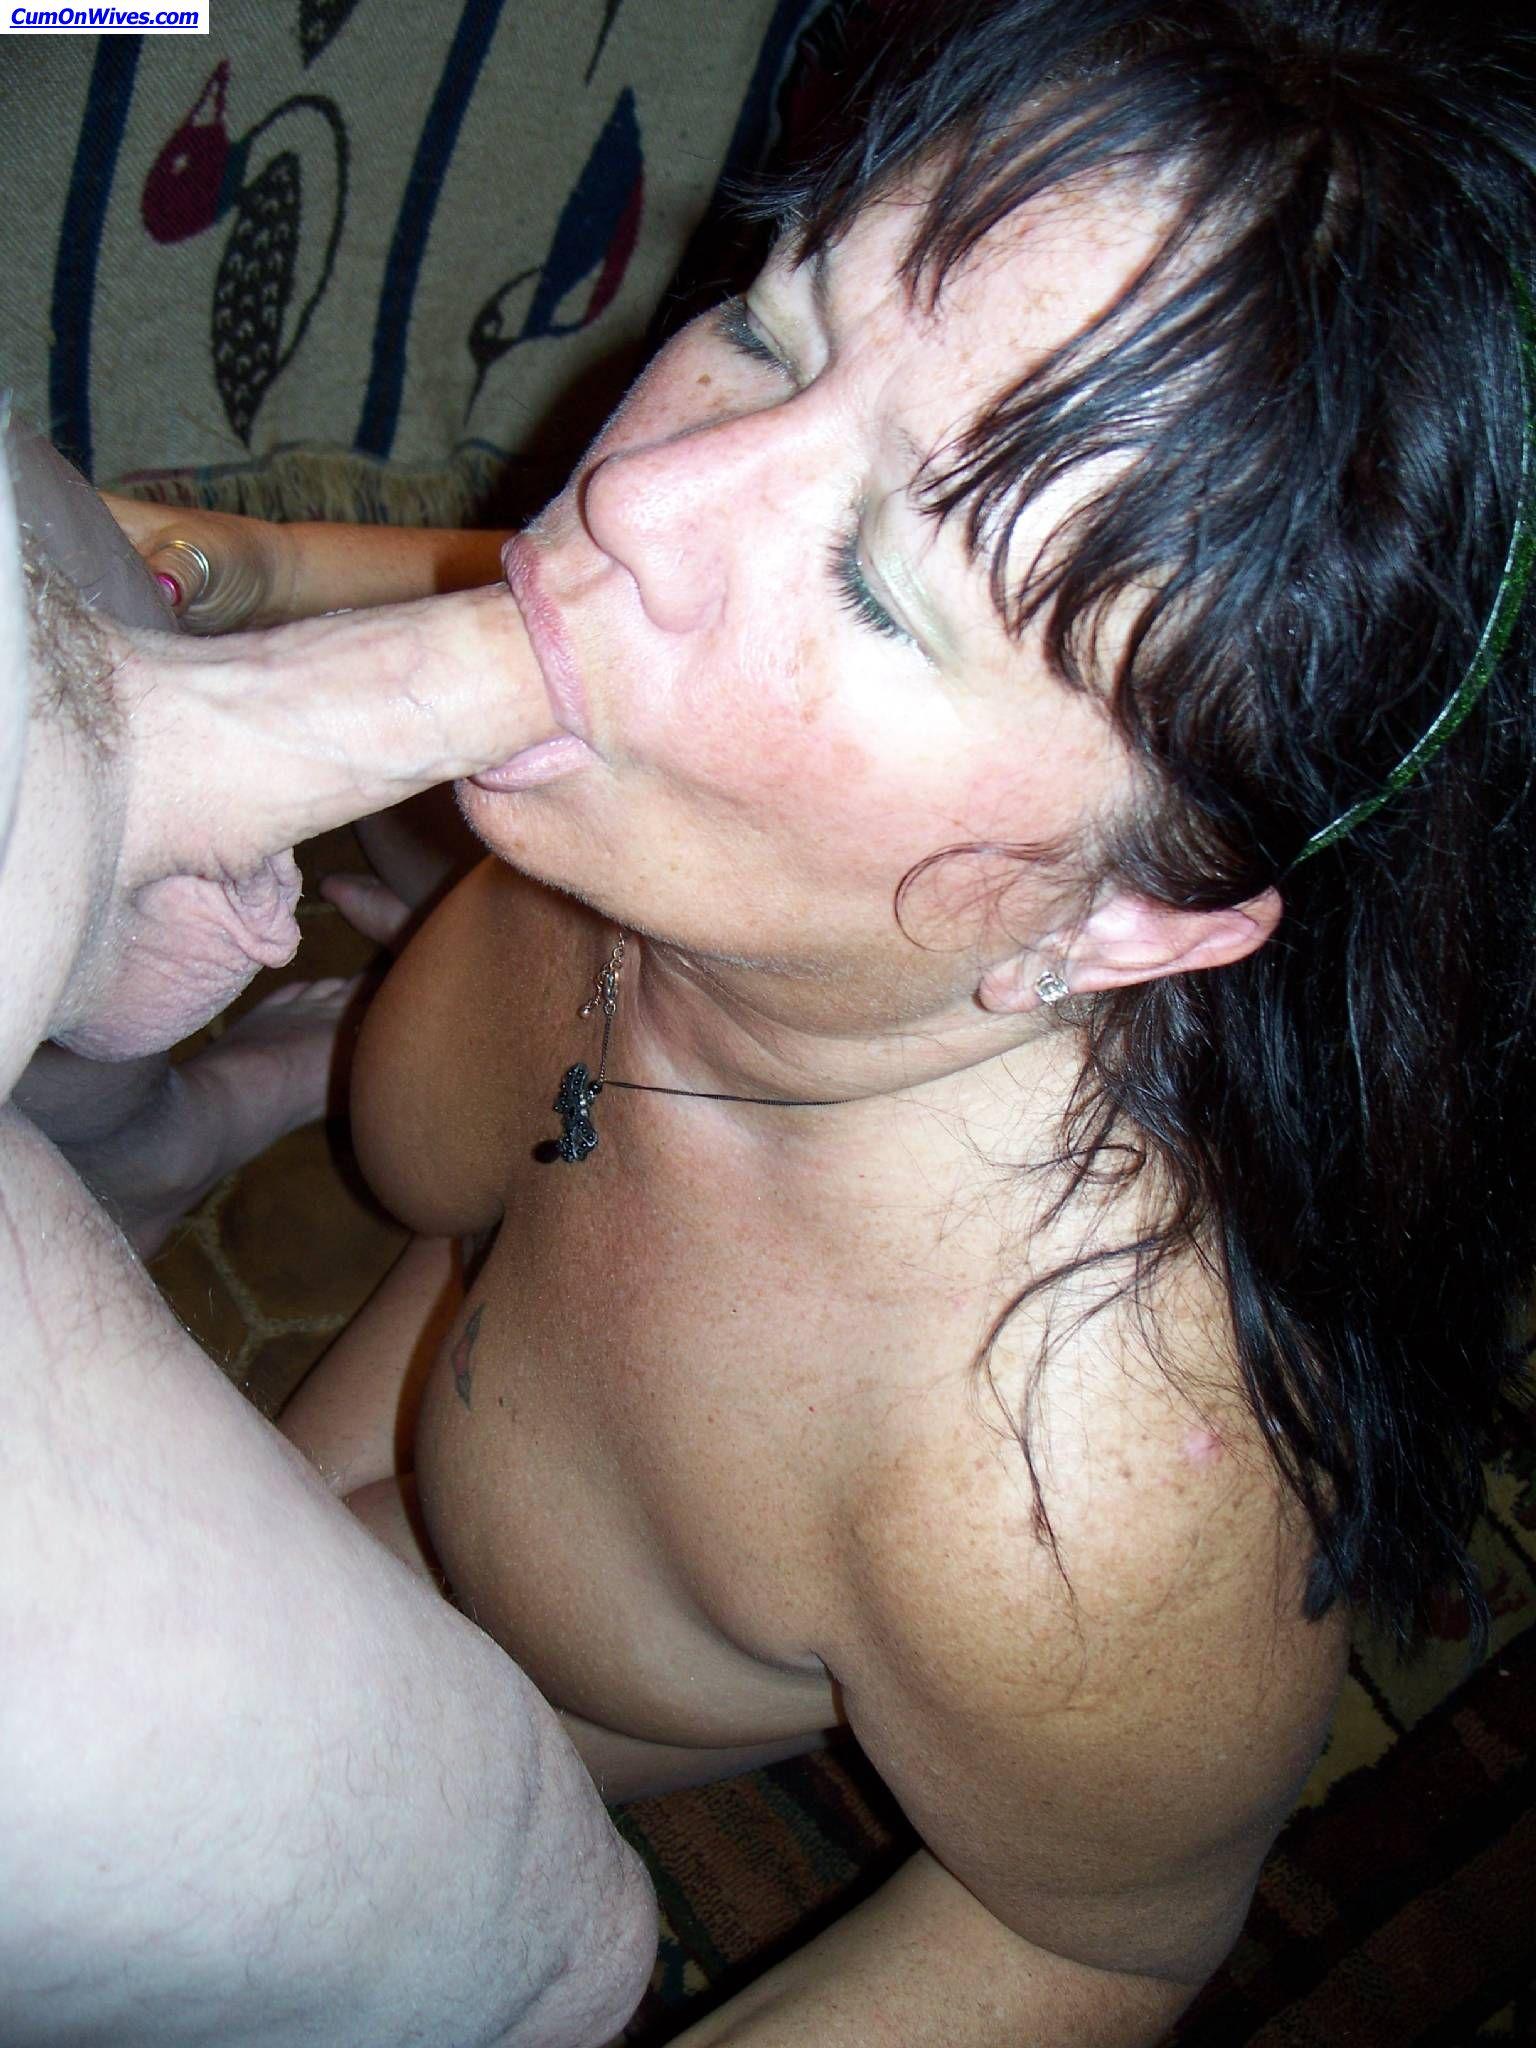 Профессиональный отсос порно 13 фотография